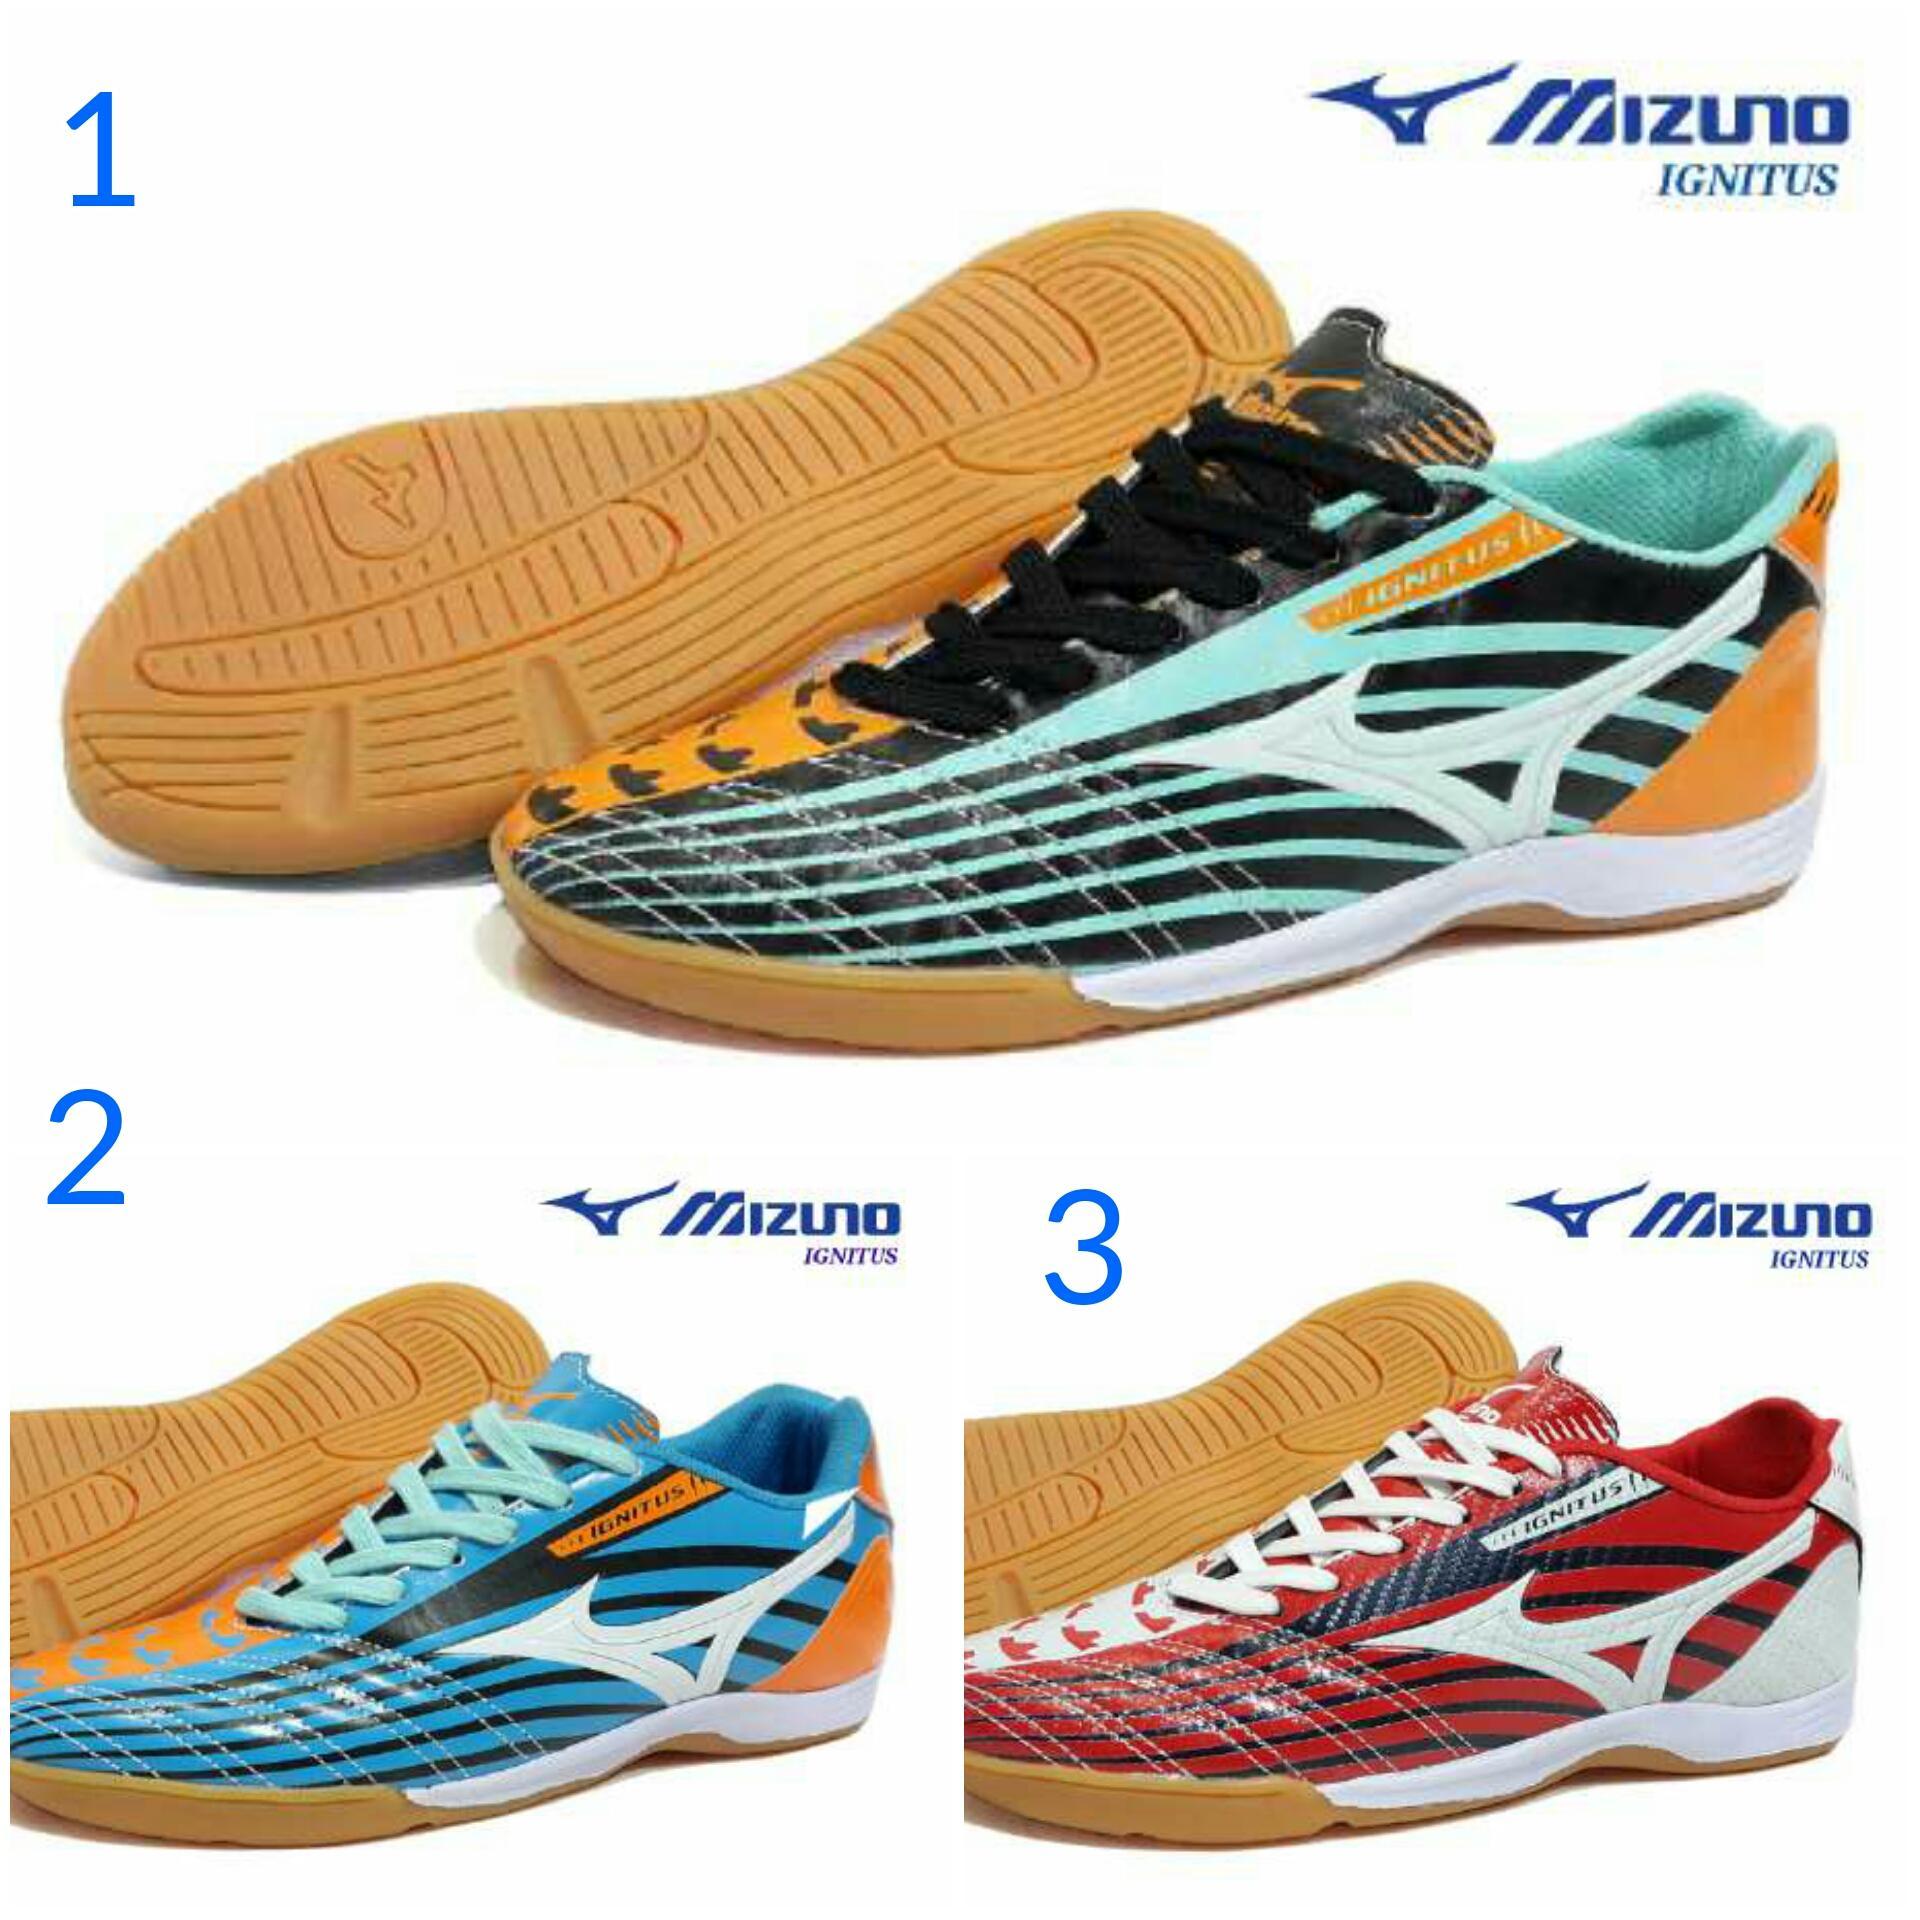 Promo Sepatu Pria Olahraga Futsal Mizuno Ignitus Made In Vietnam Termurah Diskon